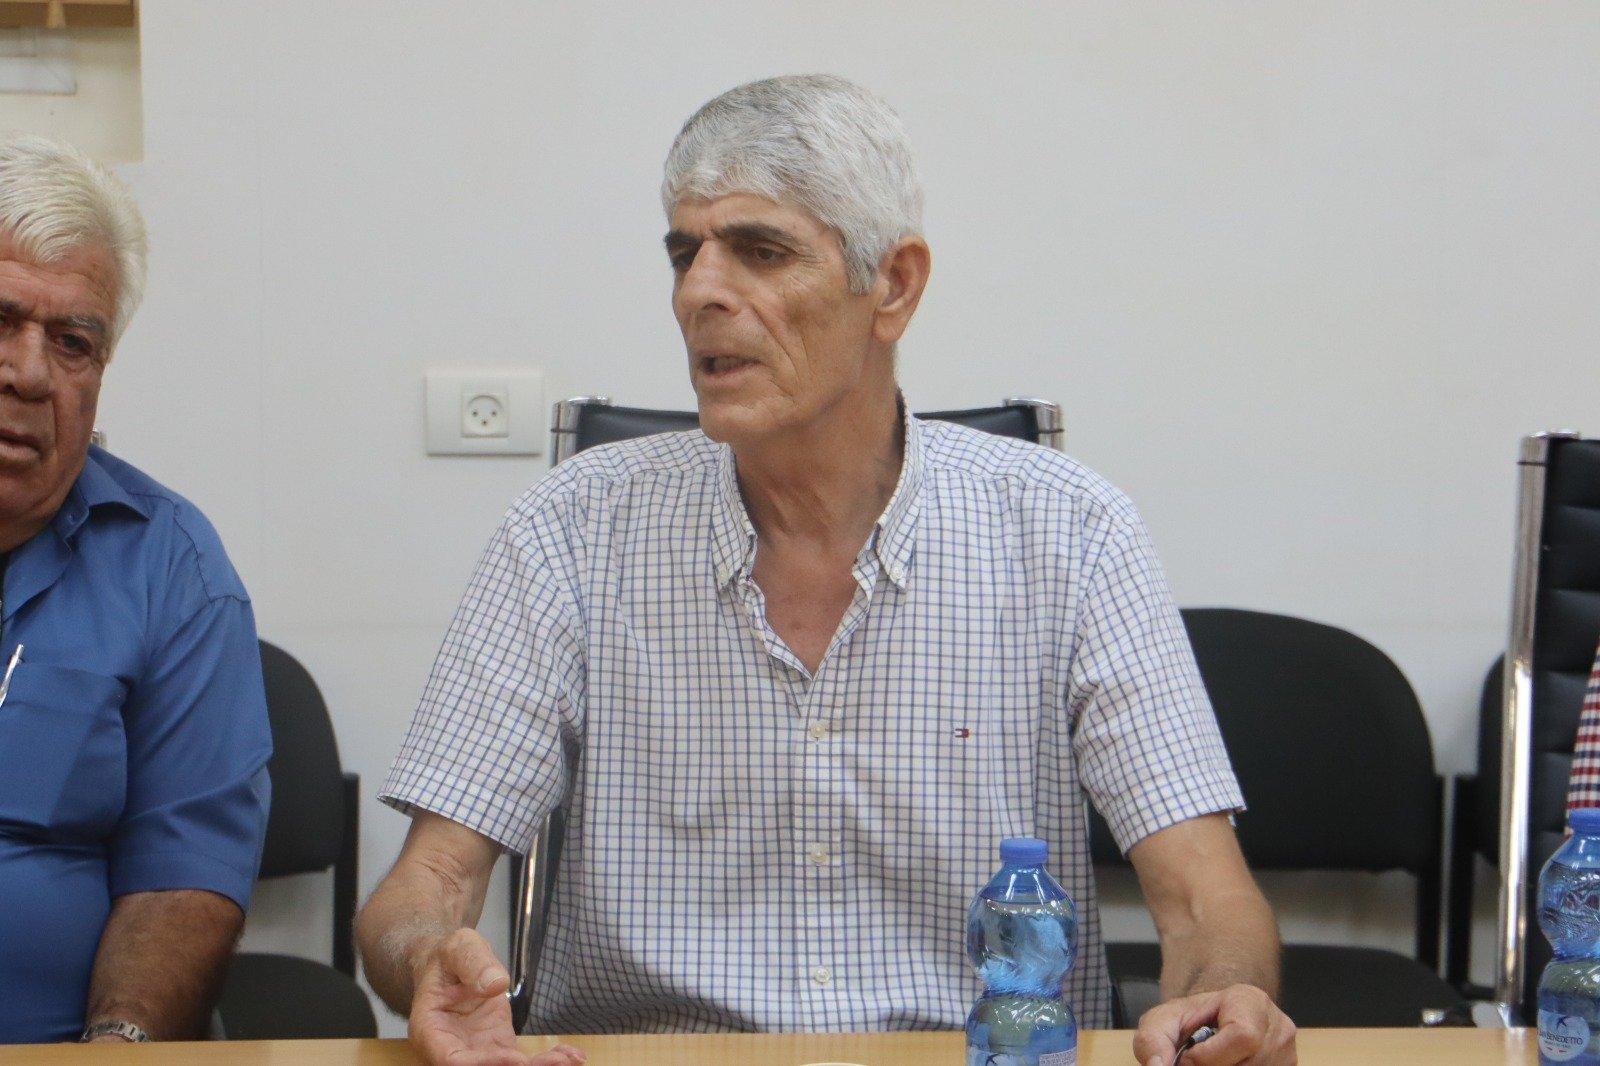 وفد وإدانة حادثة العنف التي تعرض لها رئيس باقة الغربية-3